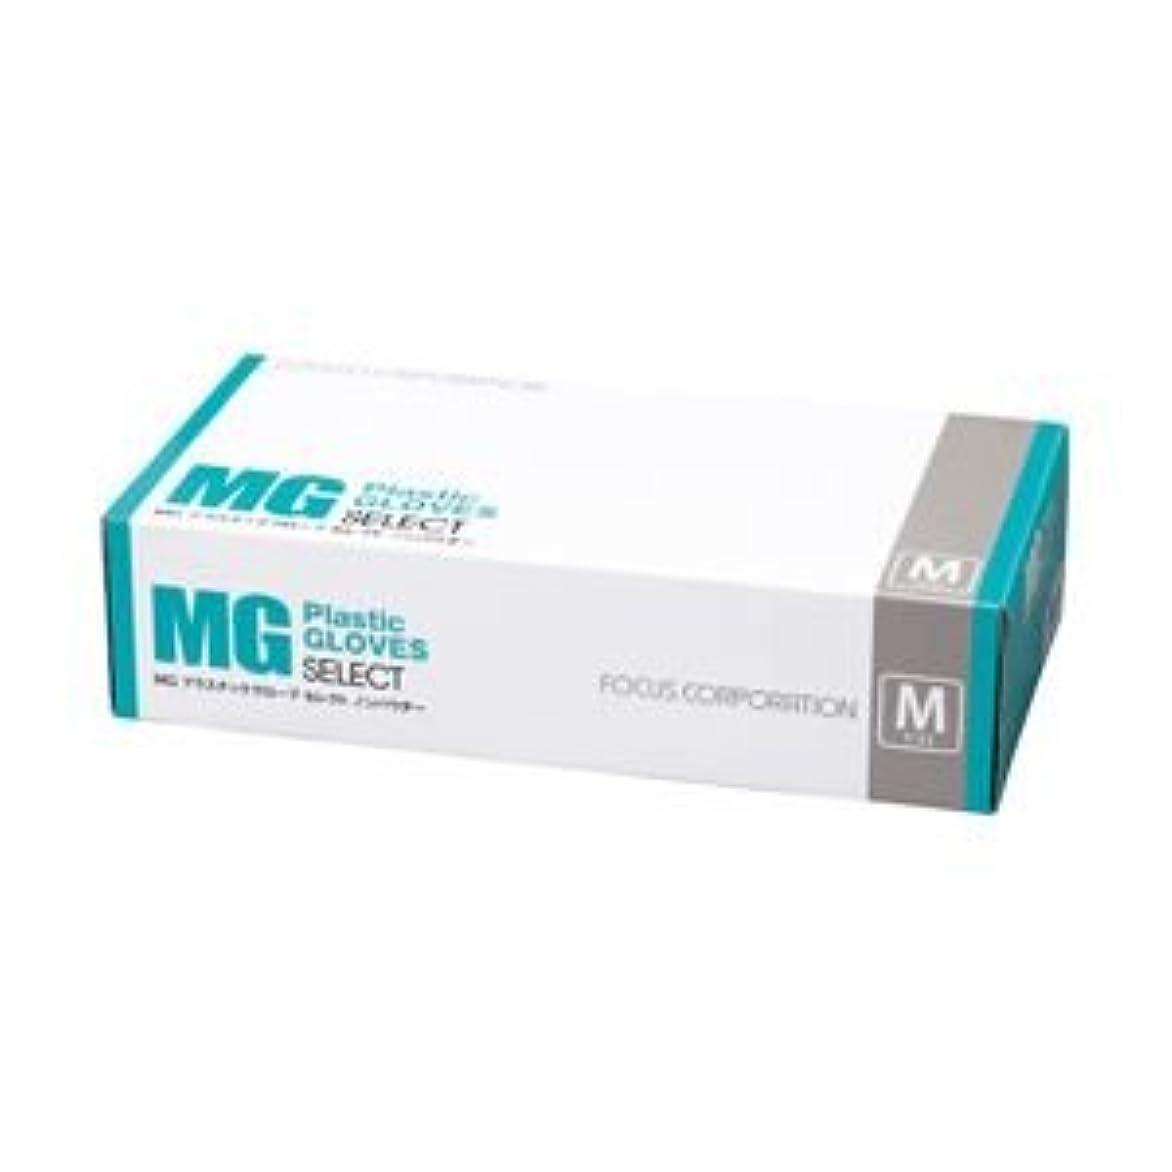 聖職者リズム政治家フォーカス (業務用セット) MGプラスチックグローブSELECT 粉なし 半透明 1箱(100枚) Mサイズ (×10セット)